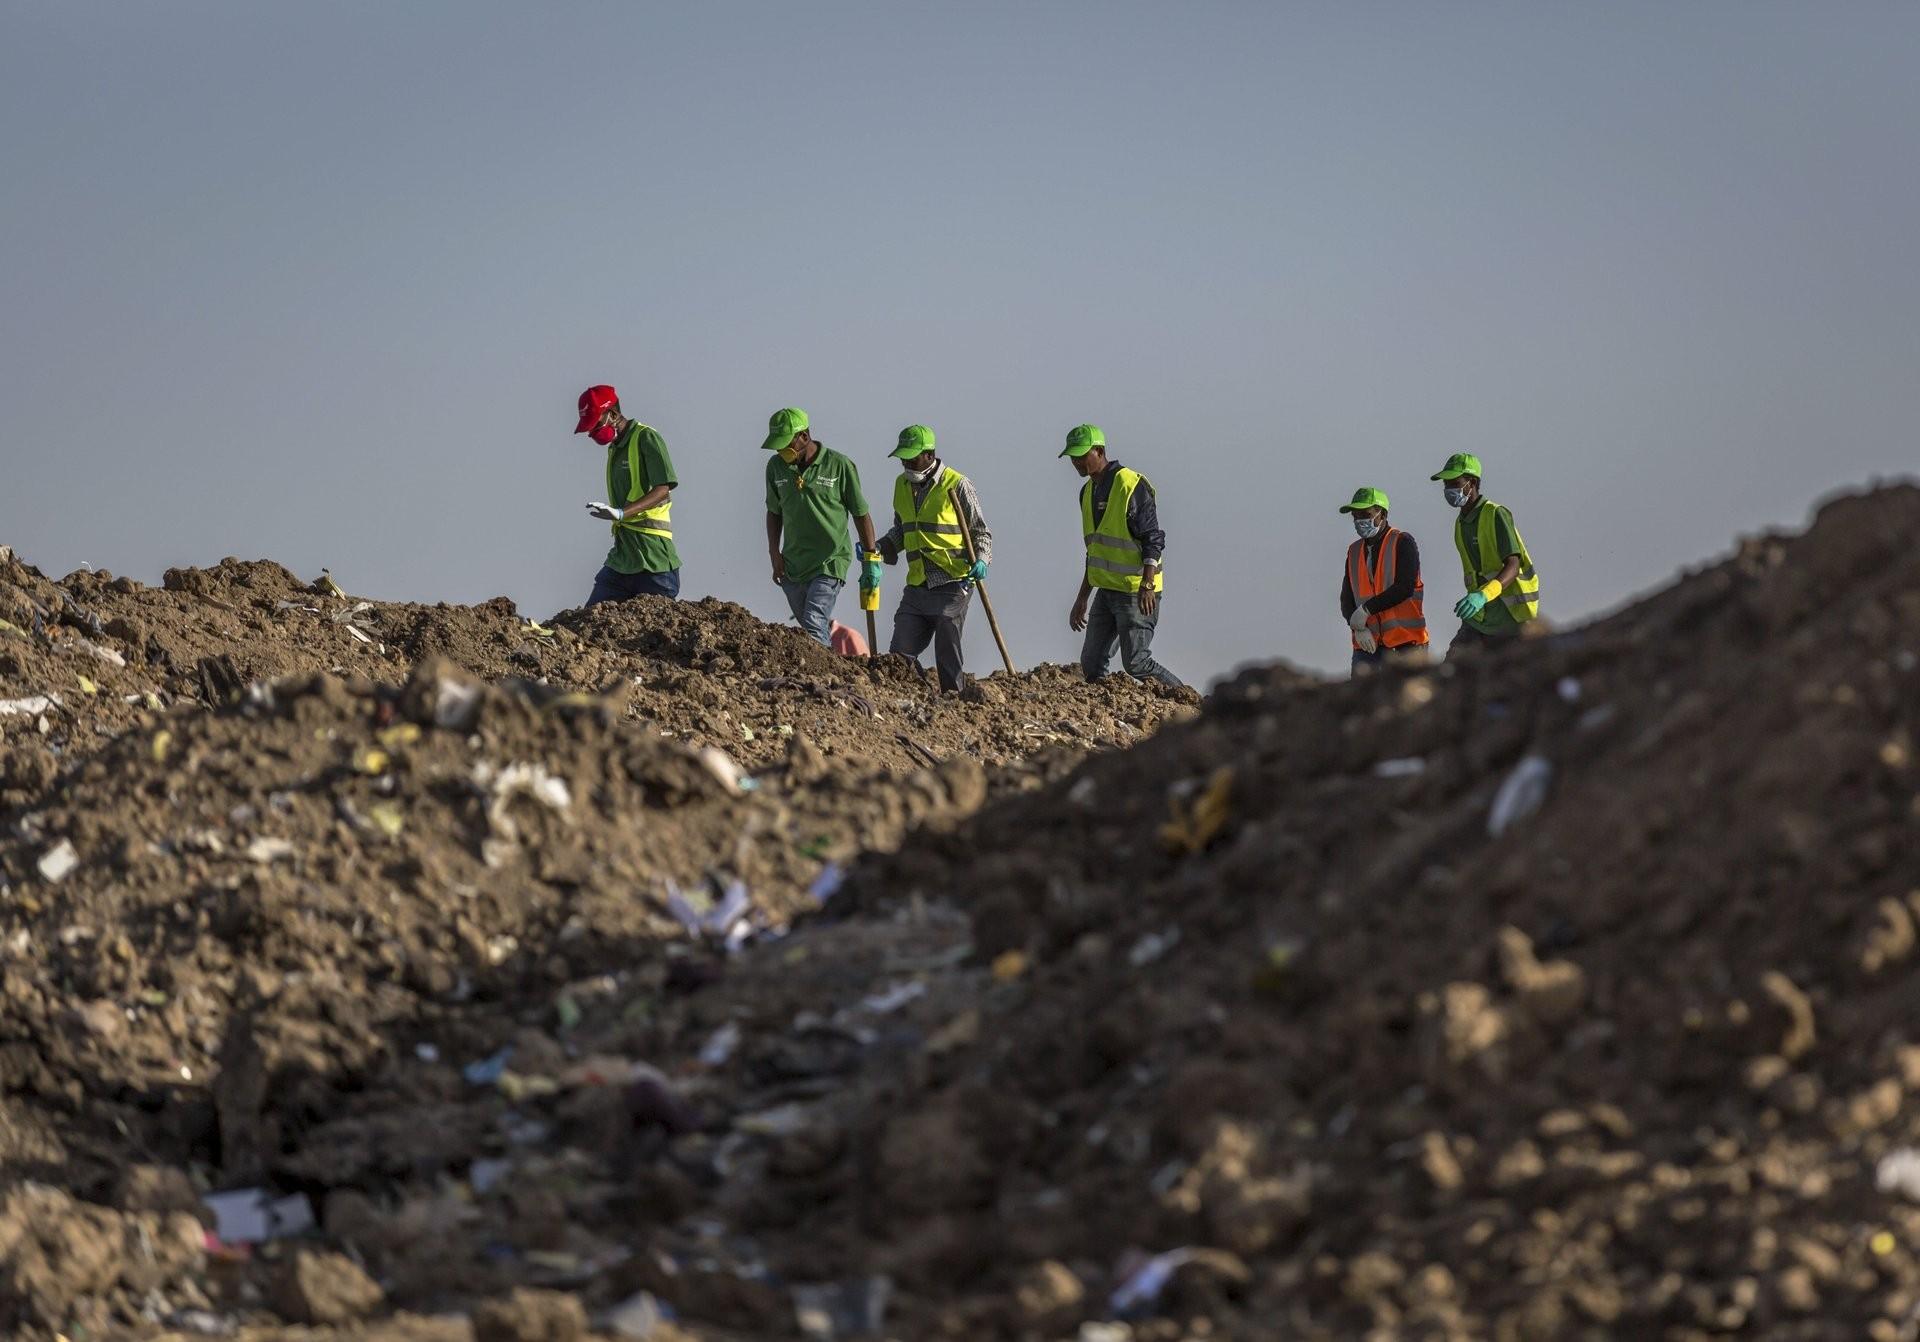 Trabajadores recolectan ropa y otros materiales, bajo la instrucción de los investigadores, en el lugar donde se desplomó el Boeing 737 Max 8 (Foto: AP)